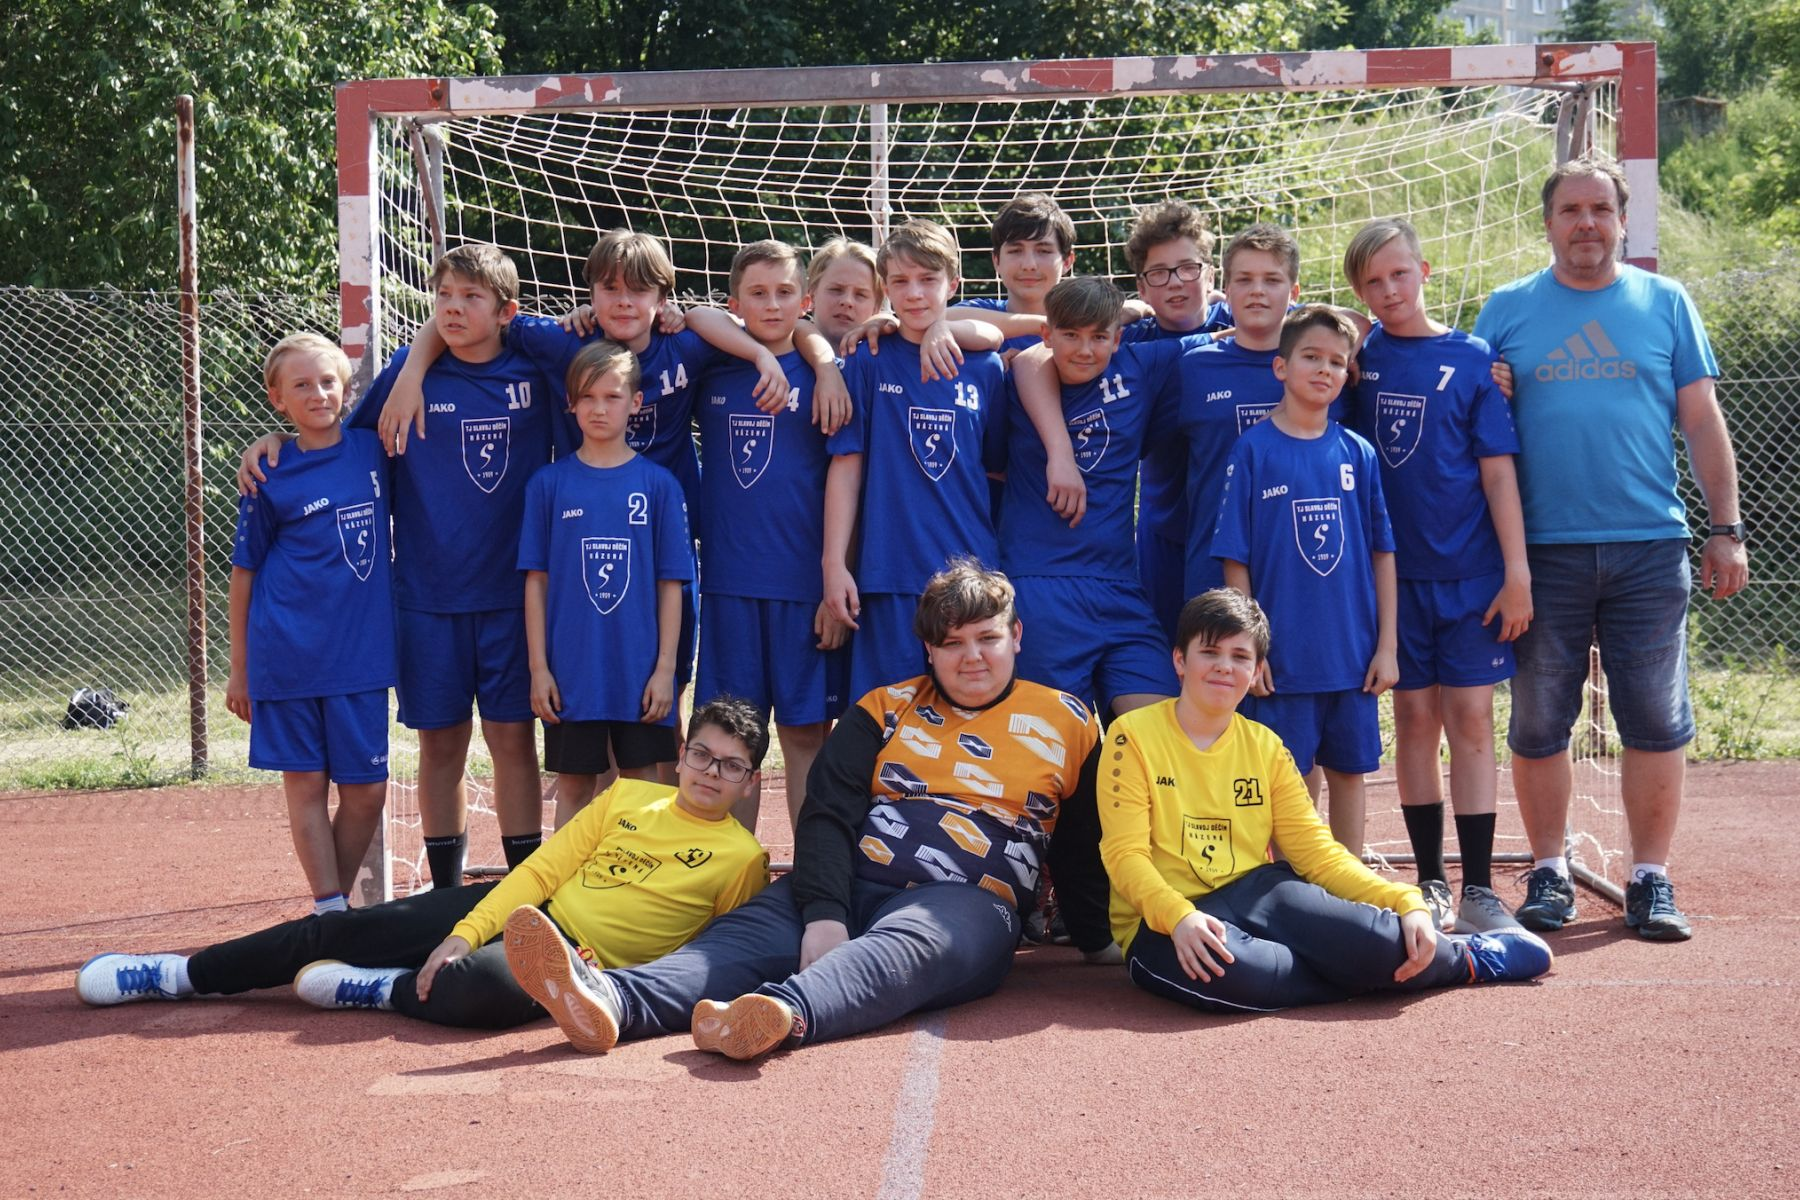 Šesté místo mladších žáků na turnaji v Liberci